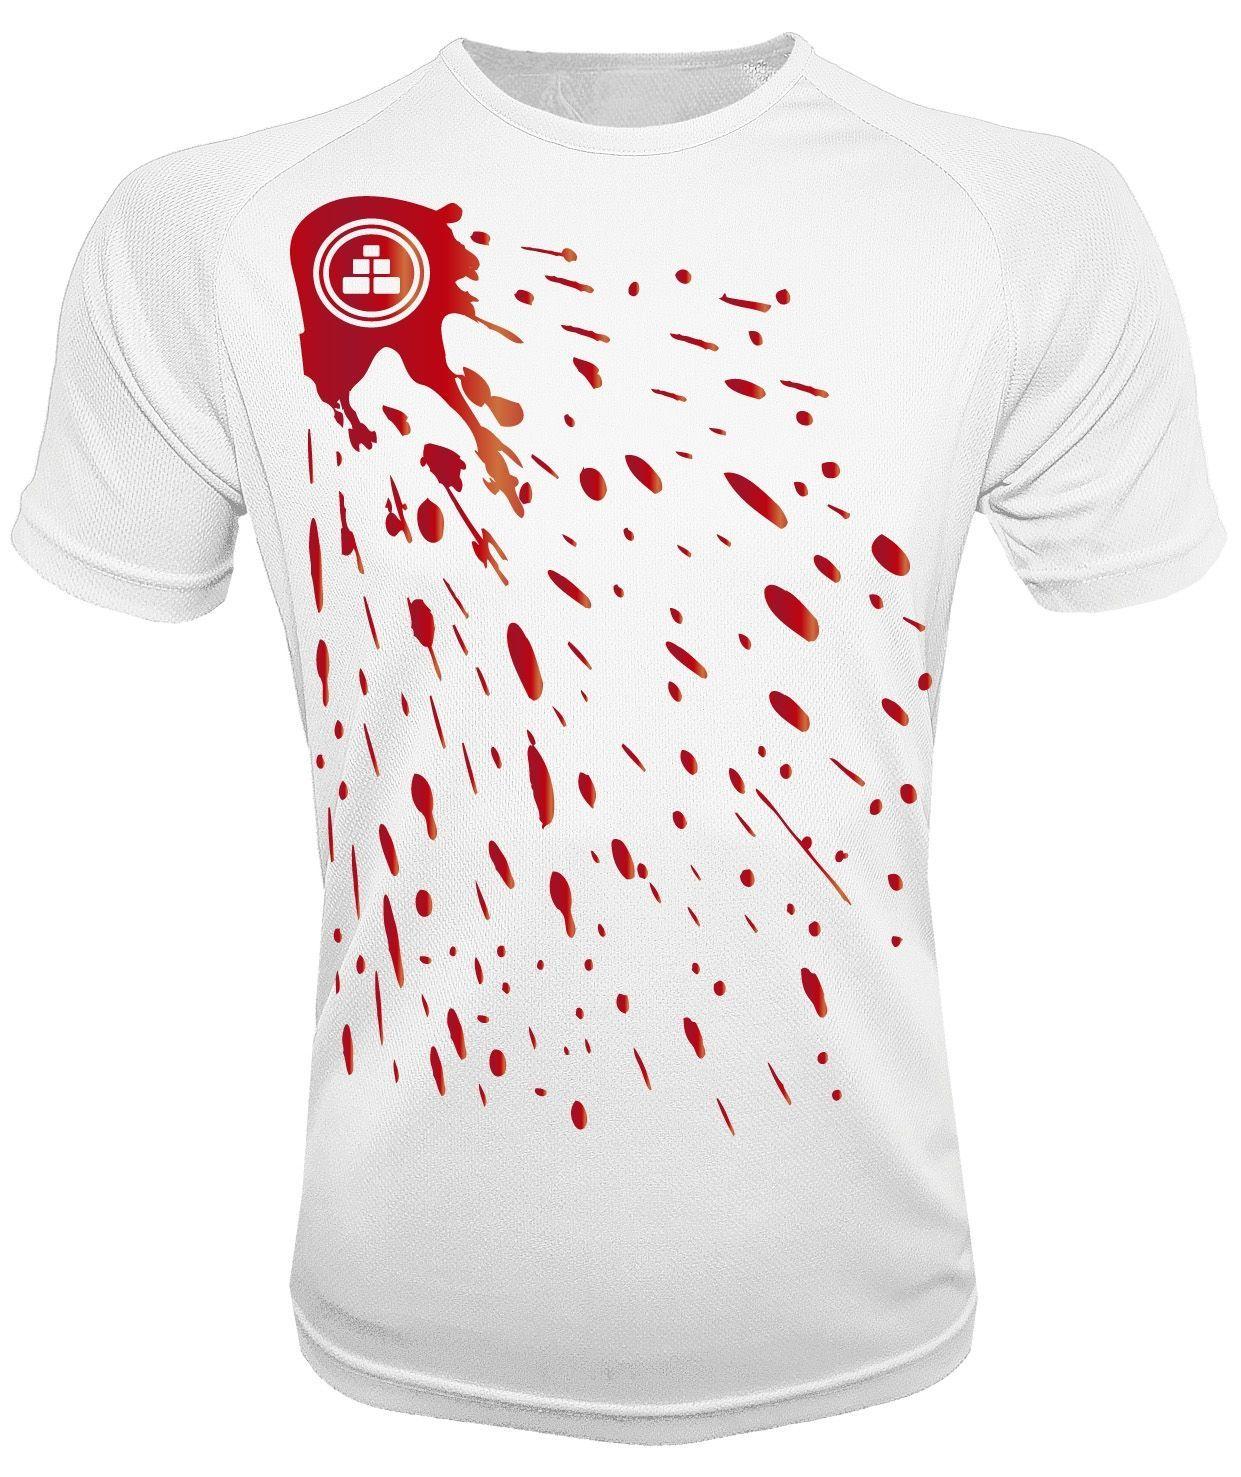 Camiseta de deporte pintura B